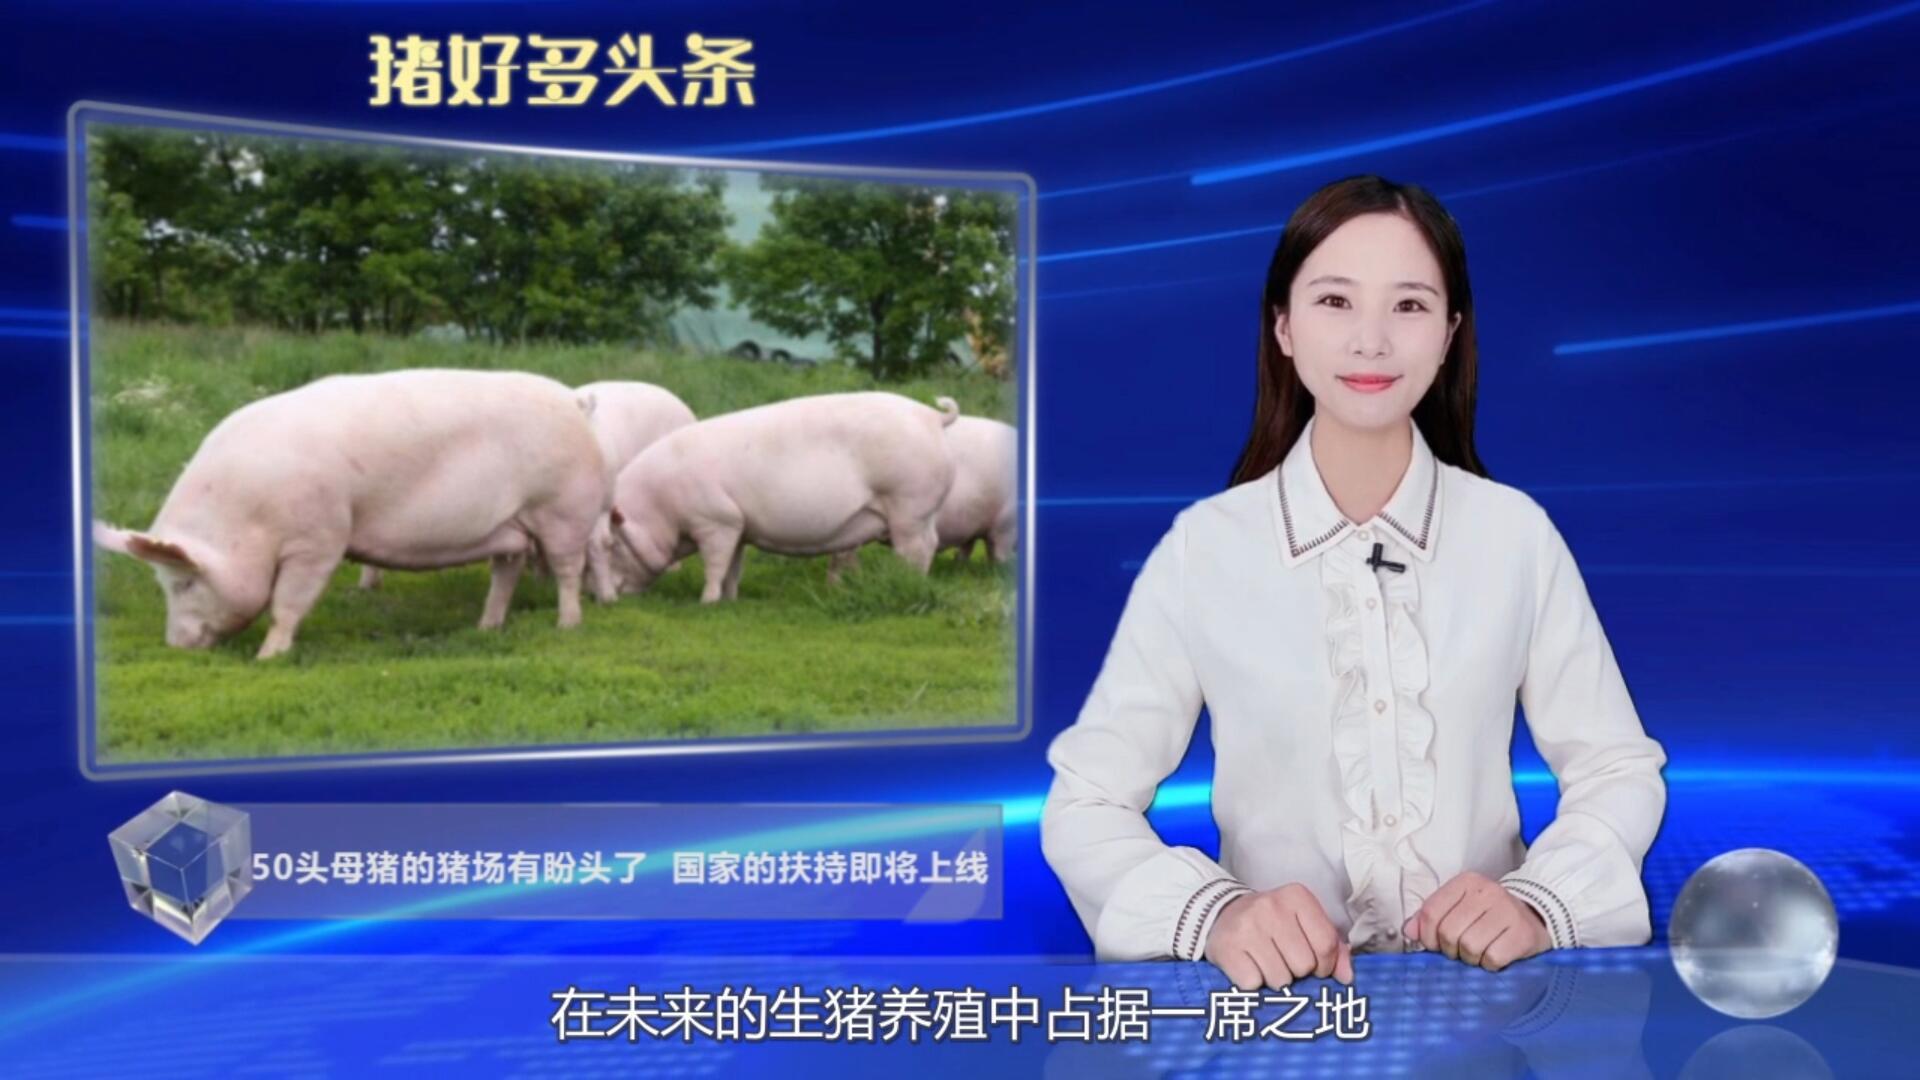 好消息!针对30-50头母猪的小型猪场国家的扶持政策来了!